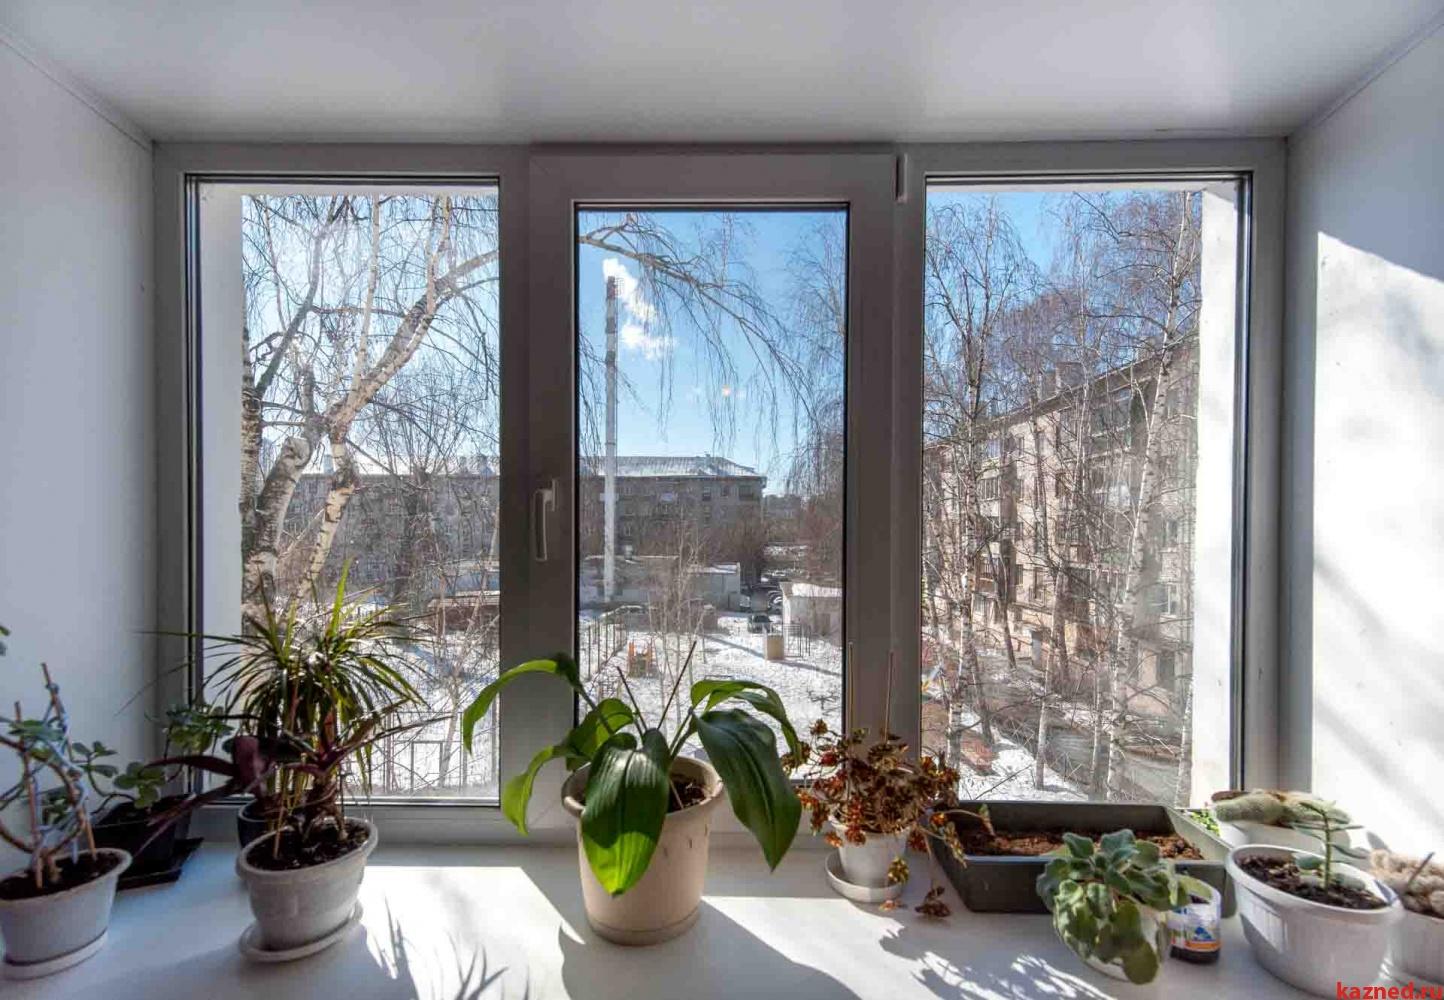 Продажа 1-к квартиры Качалова 82/19, 31 м²  (миниатюра №10)